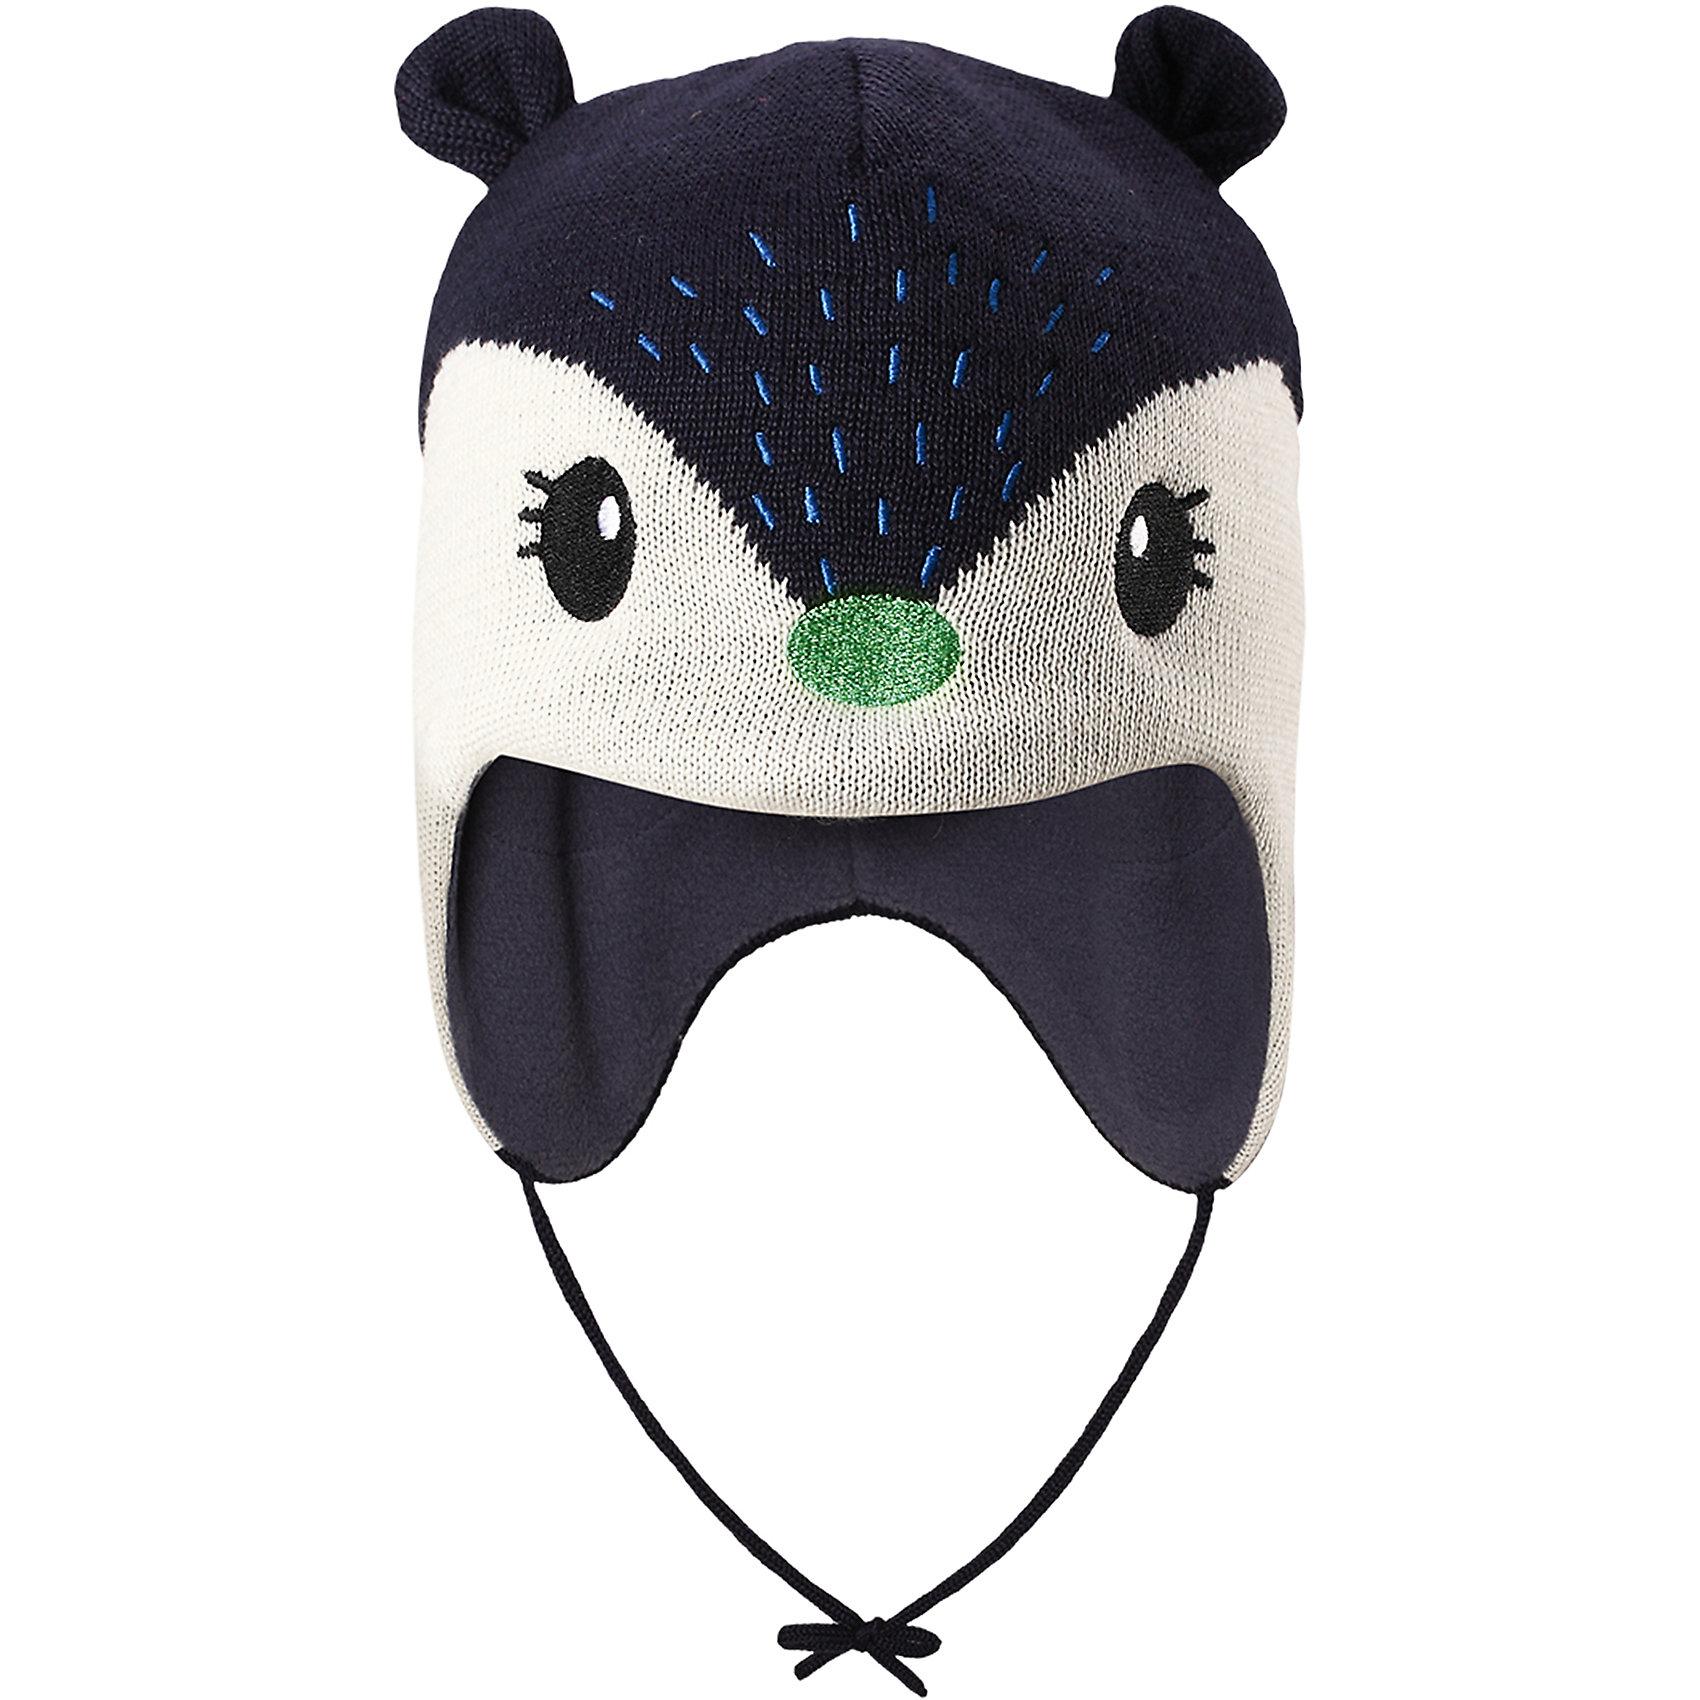 Шапка LassieШапки и шарфы<br>Эта очень мягкая и теплая шапка для новорожденных – превосходный аксессуар для холодных зимних деньков. Ветронепроницаемые вставки в области ушей обеспечивают ушкам дополнительную защиту, а мягкая флисовая подкладка очень приятна на ощупь.<br>Состав:<br>50% Шерсть, 50% Полиакрил<br><br>Ширина мм: 89<br>Глубина мм: 117<br>Высота мм: 44<br>Вес г: 155<br>Цвет: синий<br>Возраст от месяцев: 6<br>Возраст до месяцев: 9<br>Пол: Унисекс<br>Возраст: Детский<br>Размер: 42-44,50-52,46-48,44-46<br>SKU: 6905620